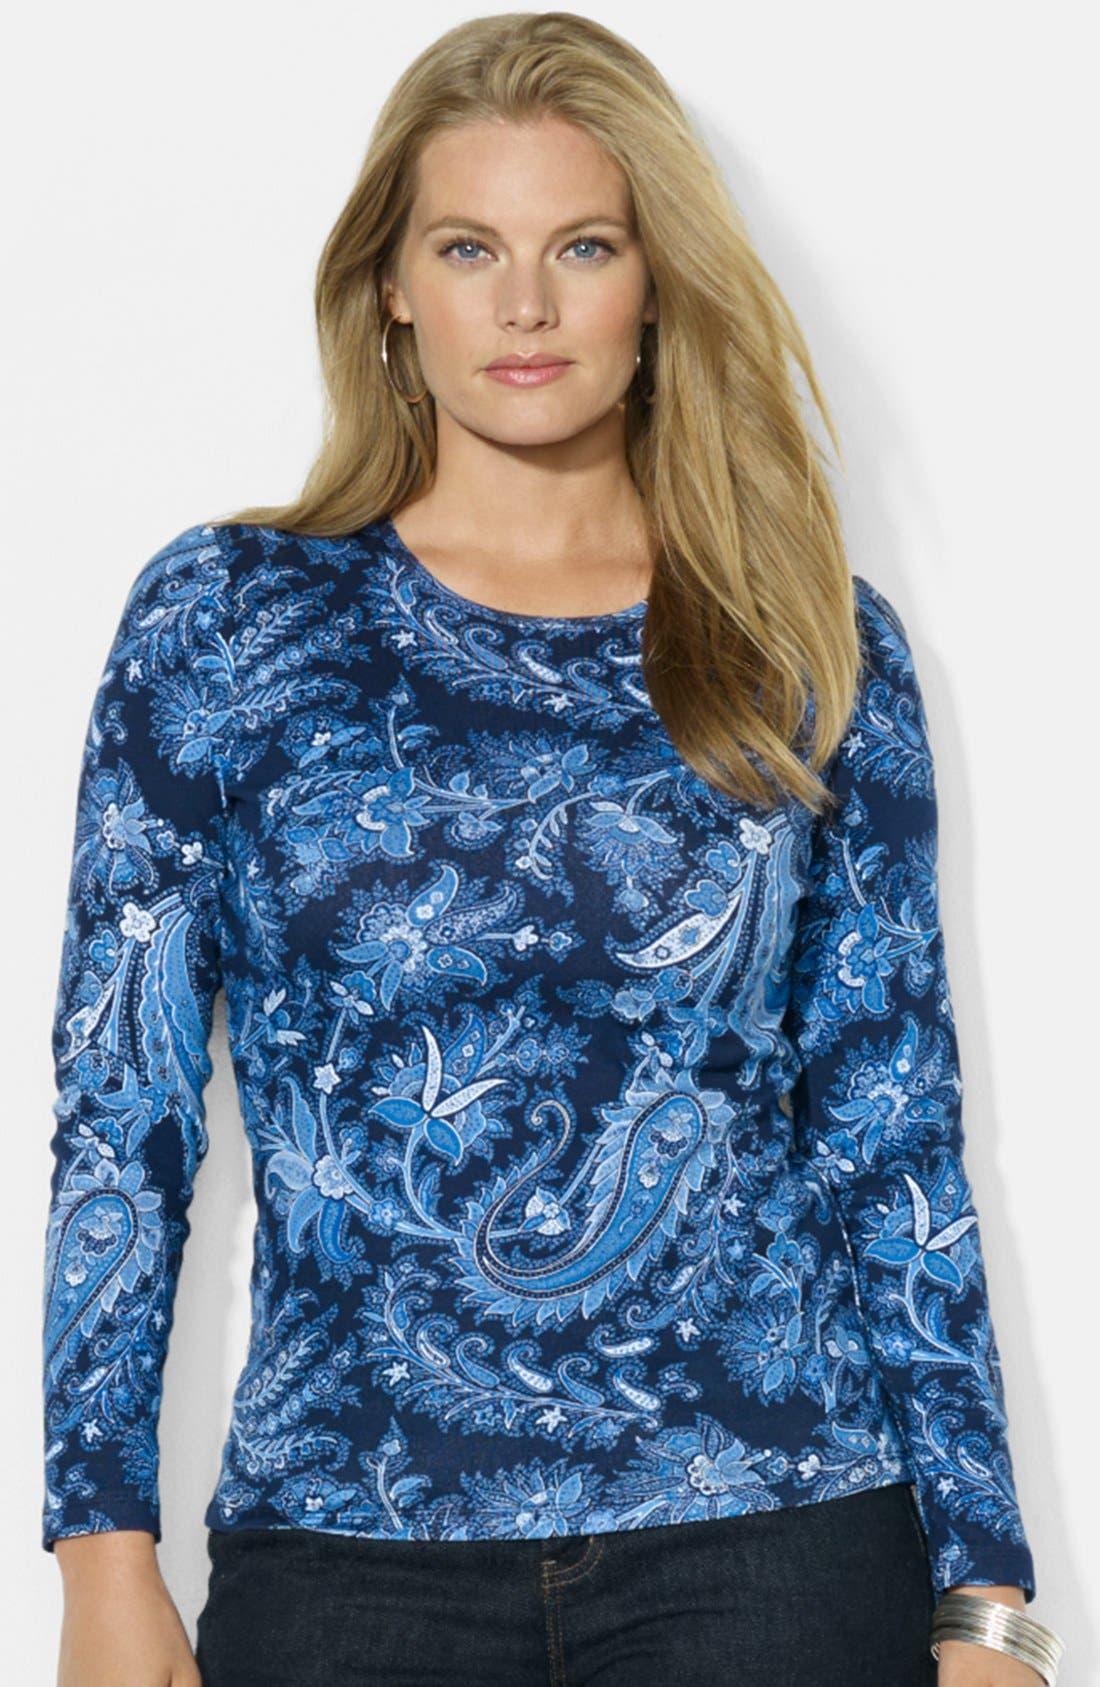 Main Image - Lauren Ralph Lauren Print Cotton Top (Plus Size)